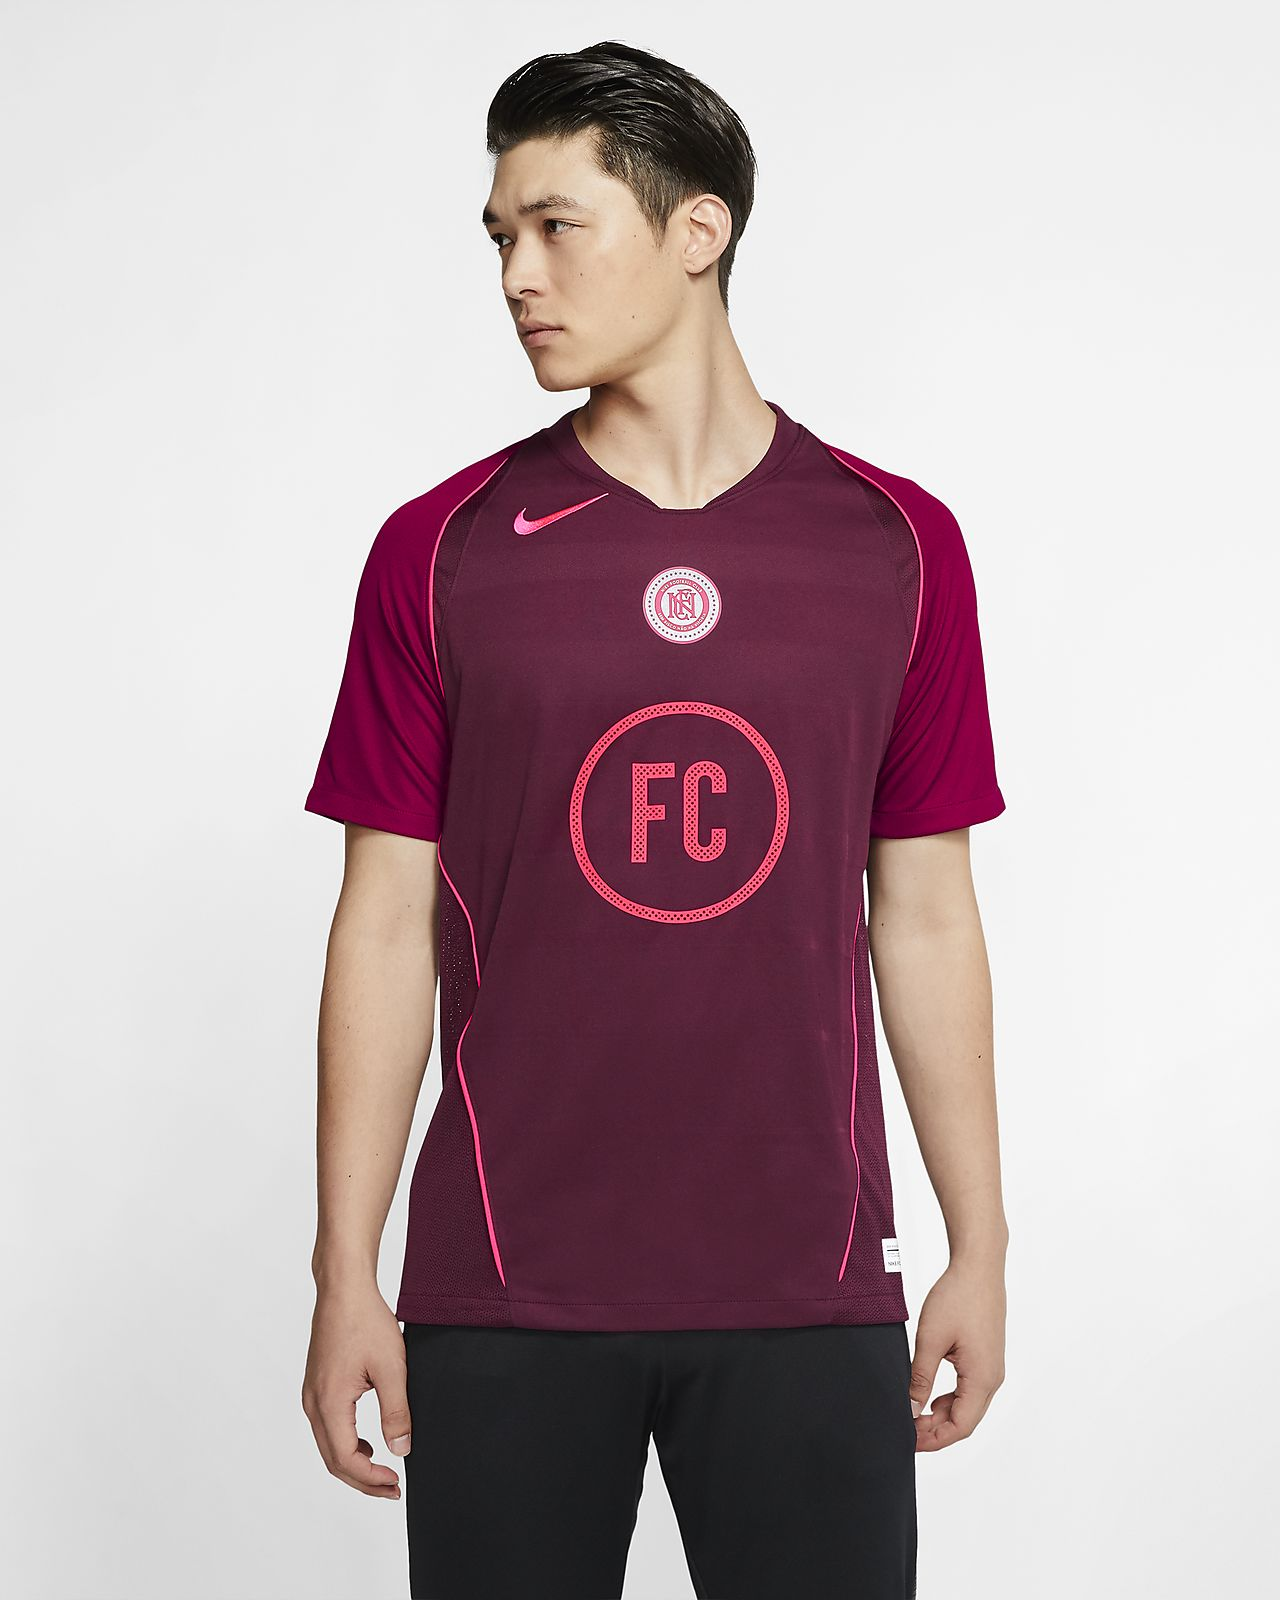 Maglia da calcio a manica corta Nike F.C. Home - Uomo